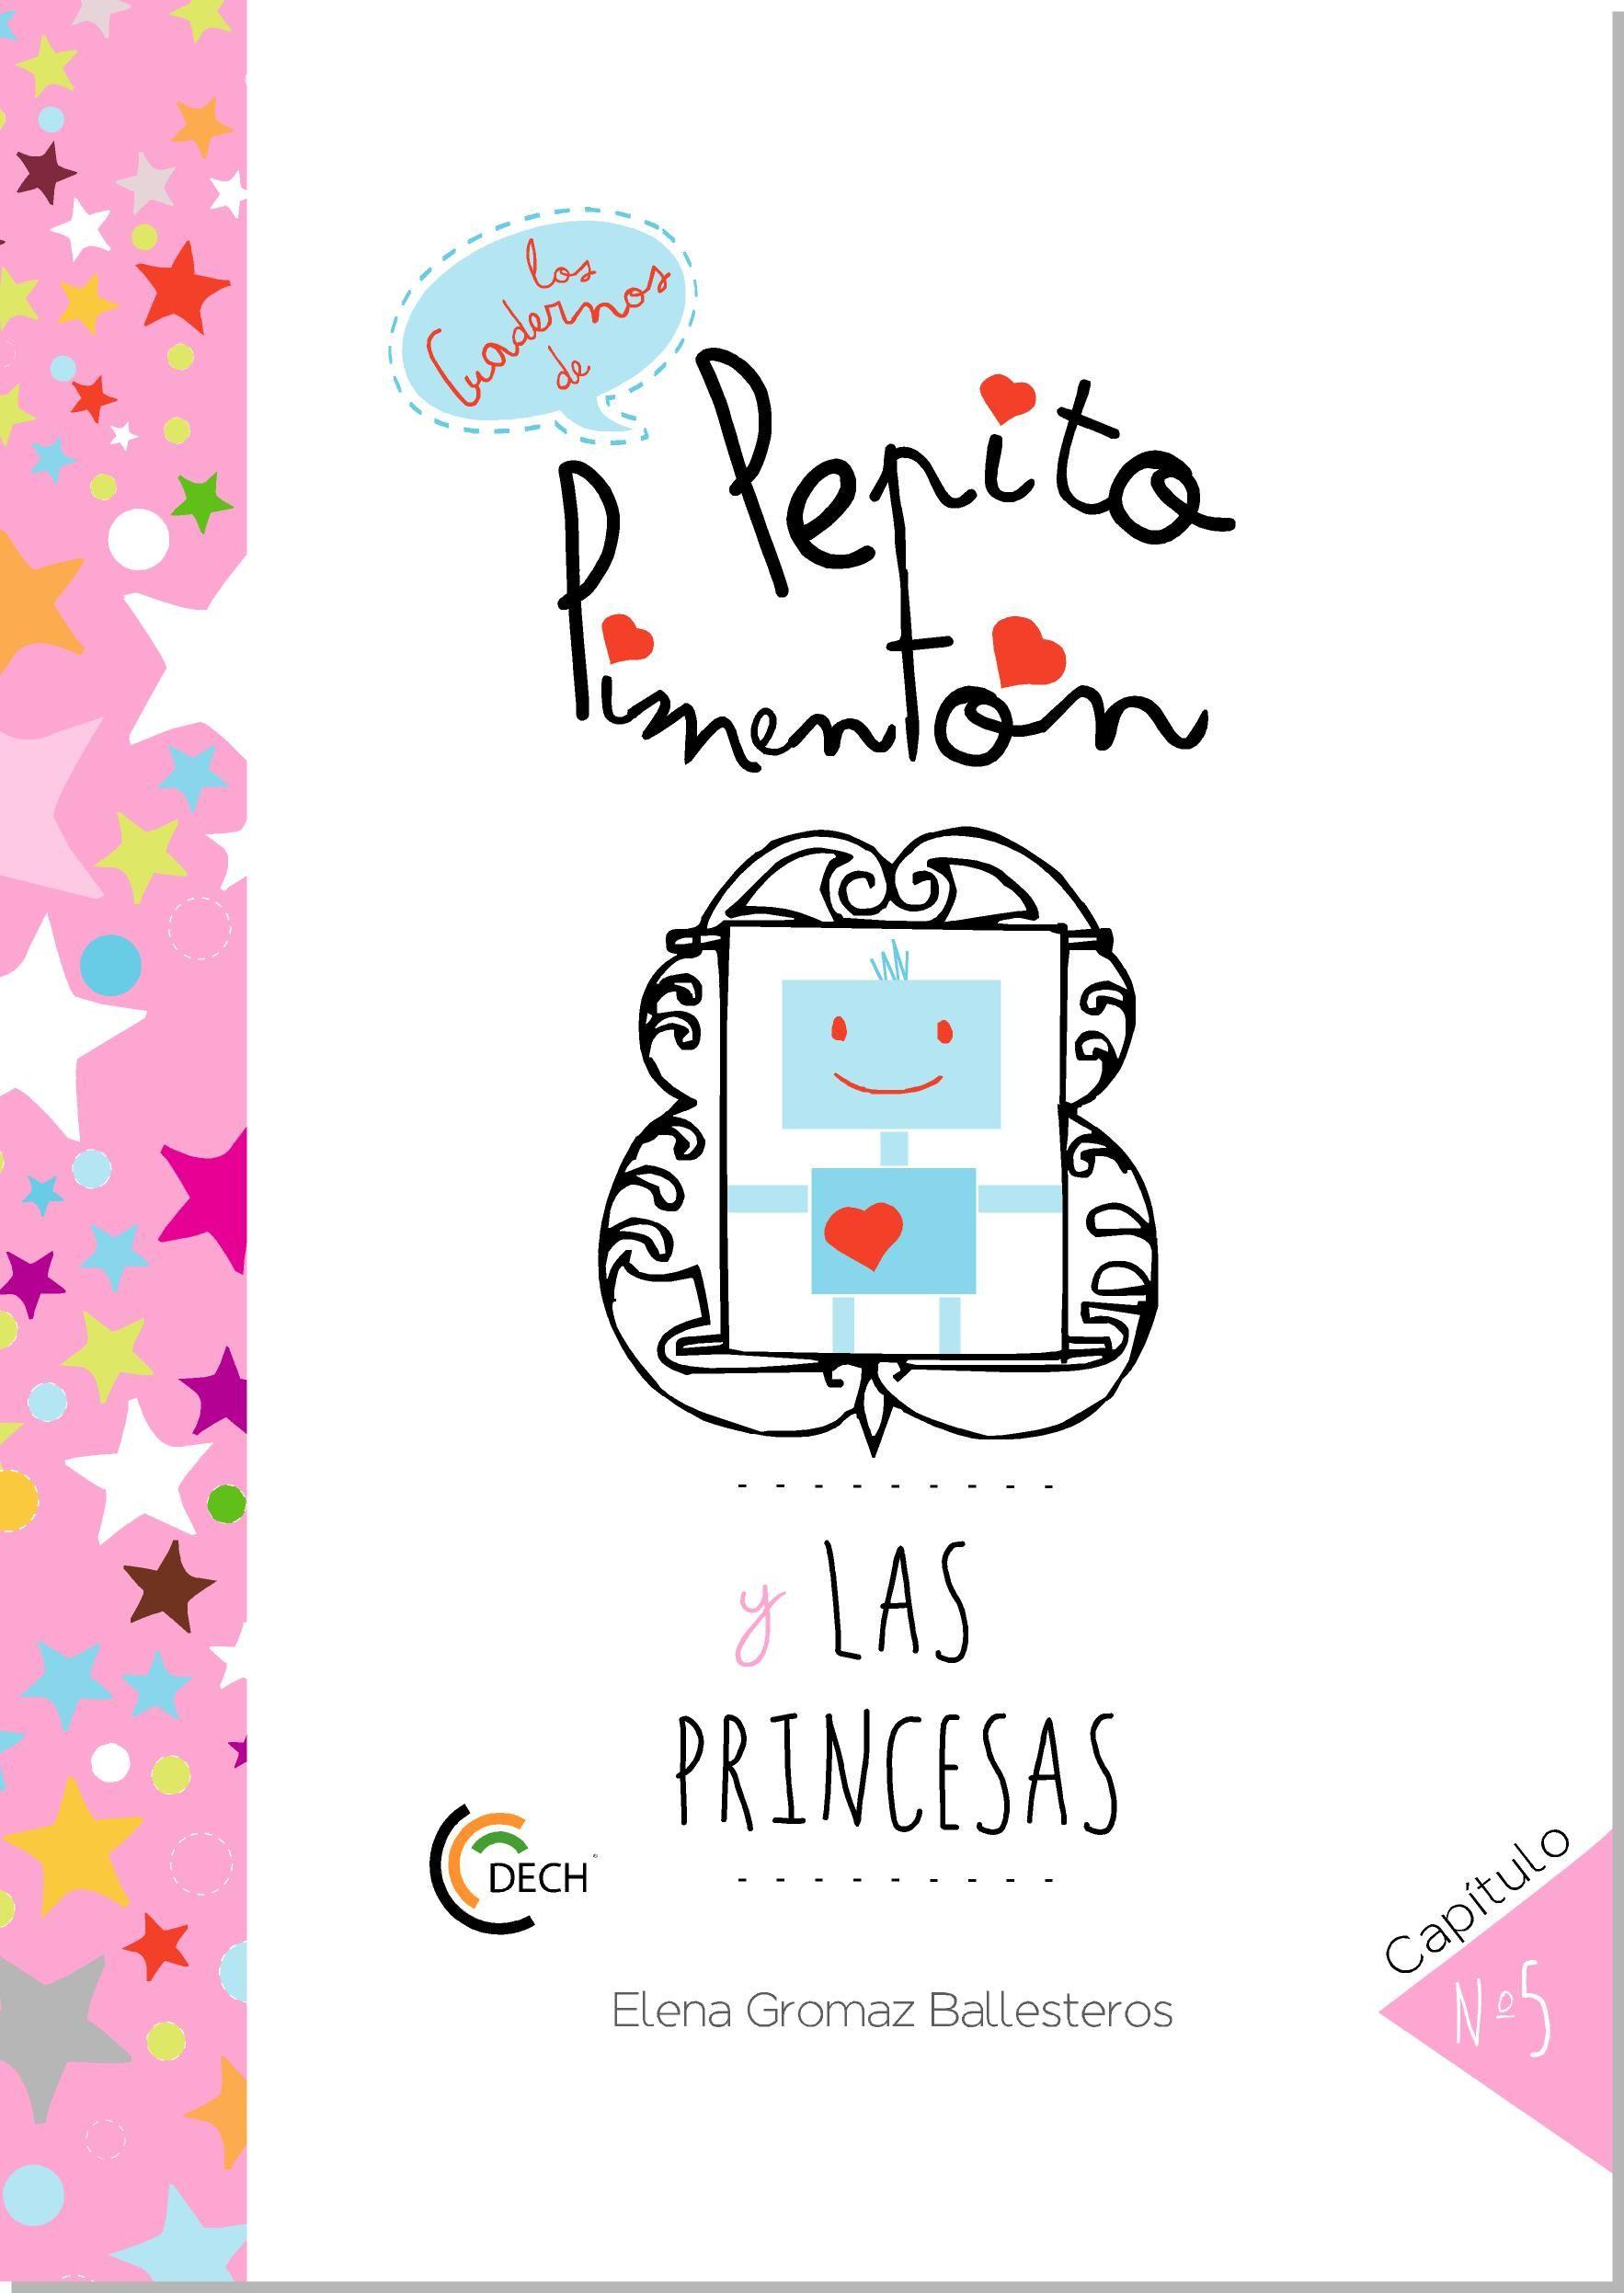 Pepito Pimentón y las princesas